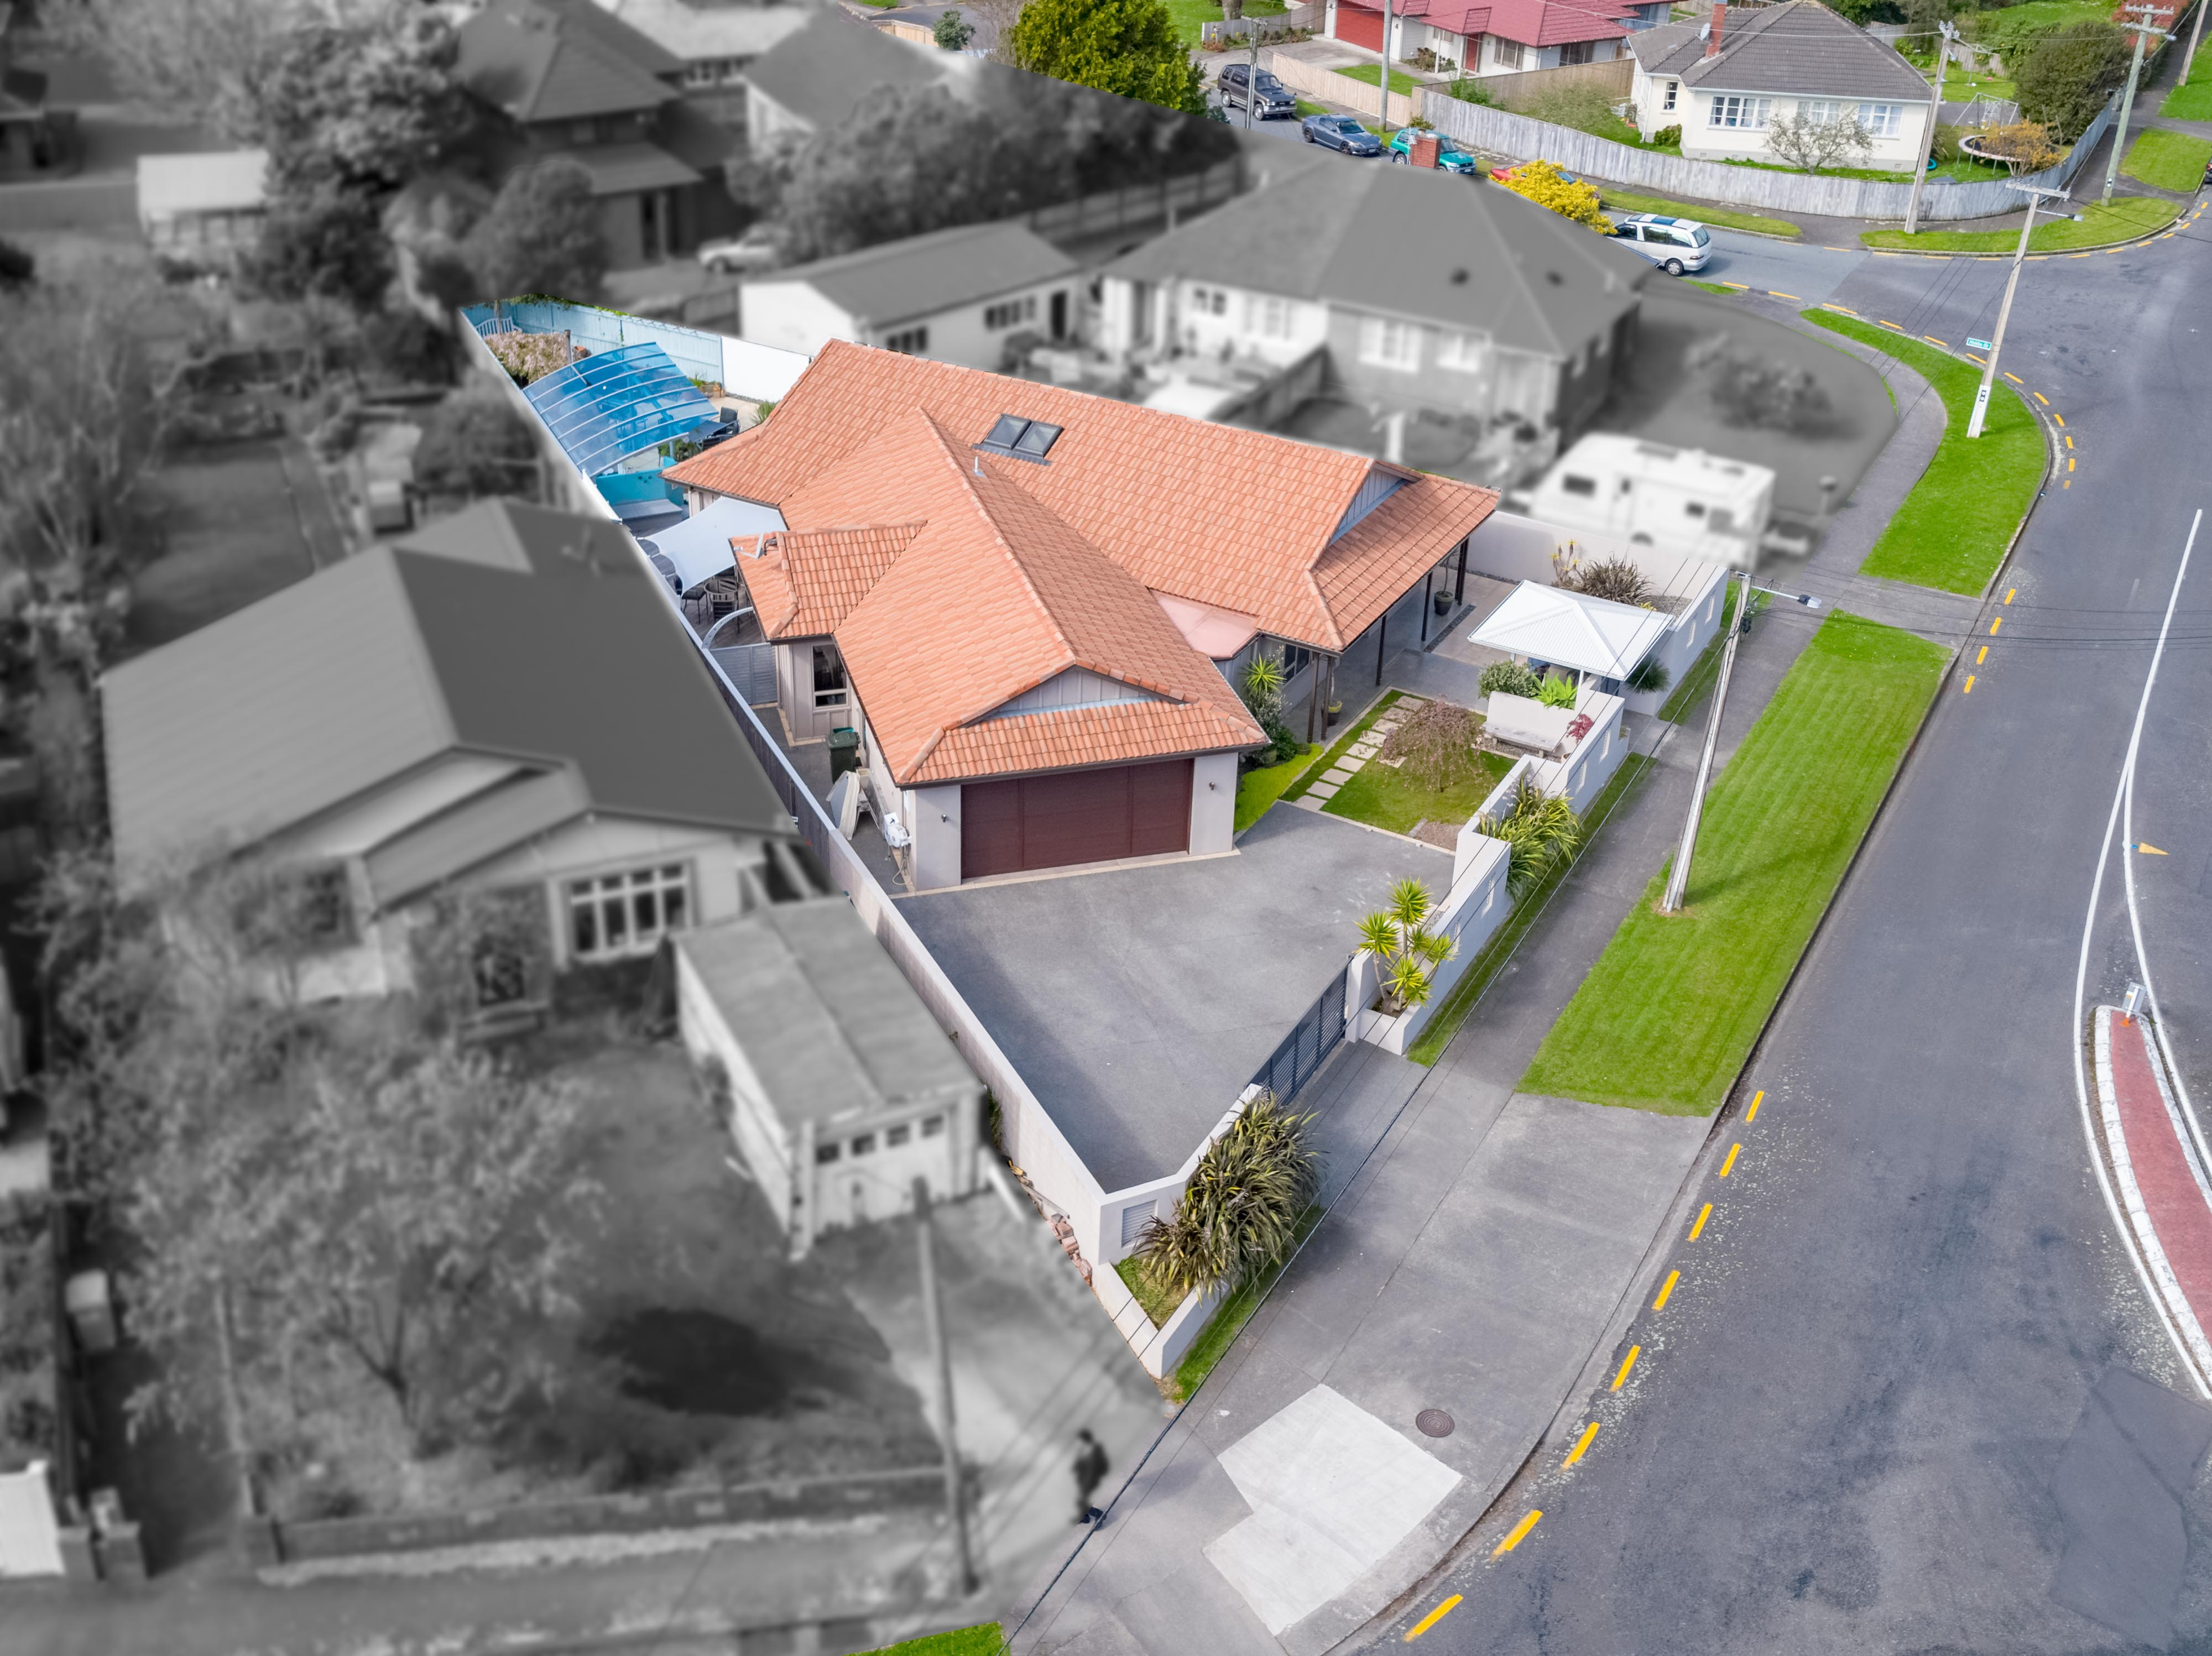 1 Brees Street, Lower Hutt Aerial 0280 Boundary 3